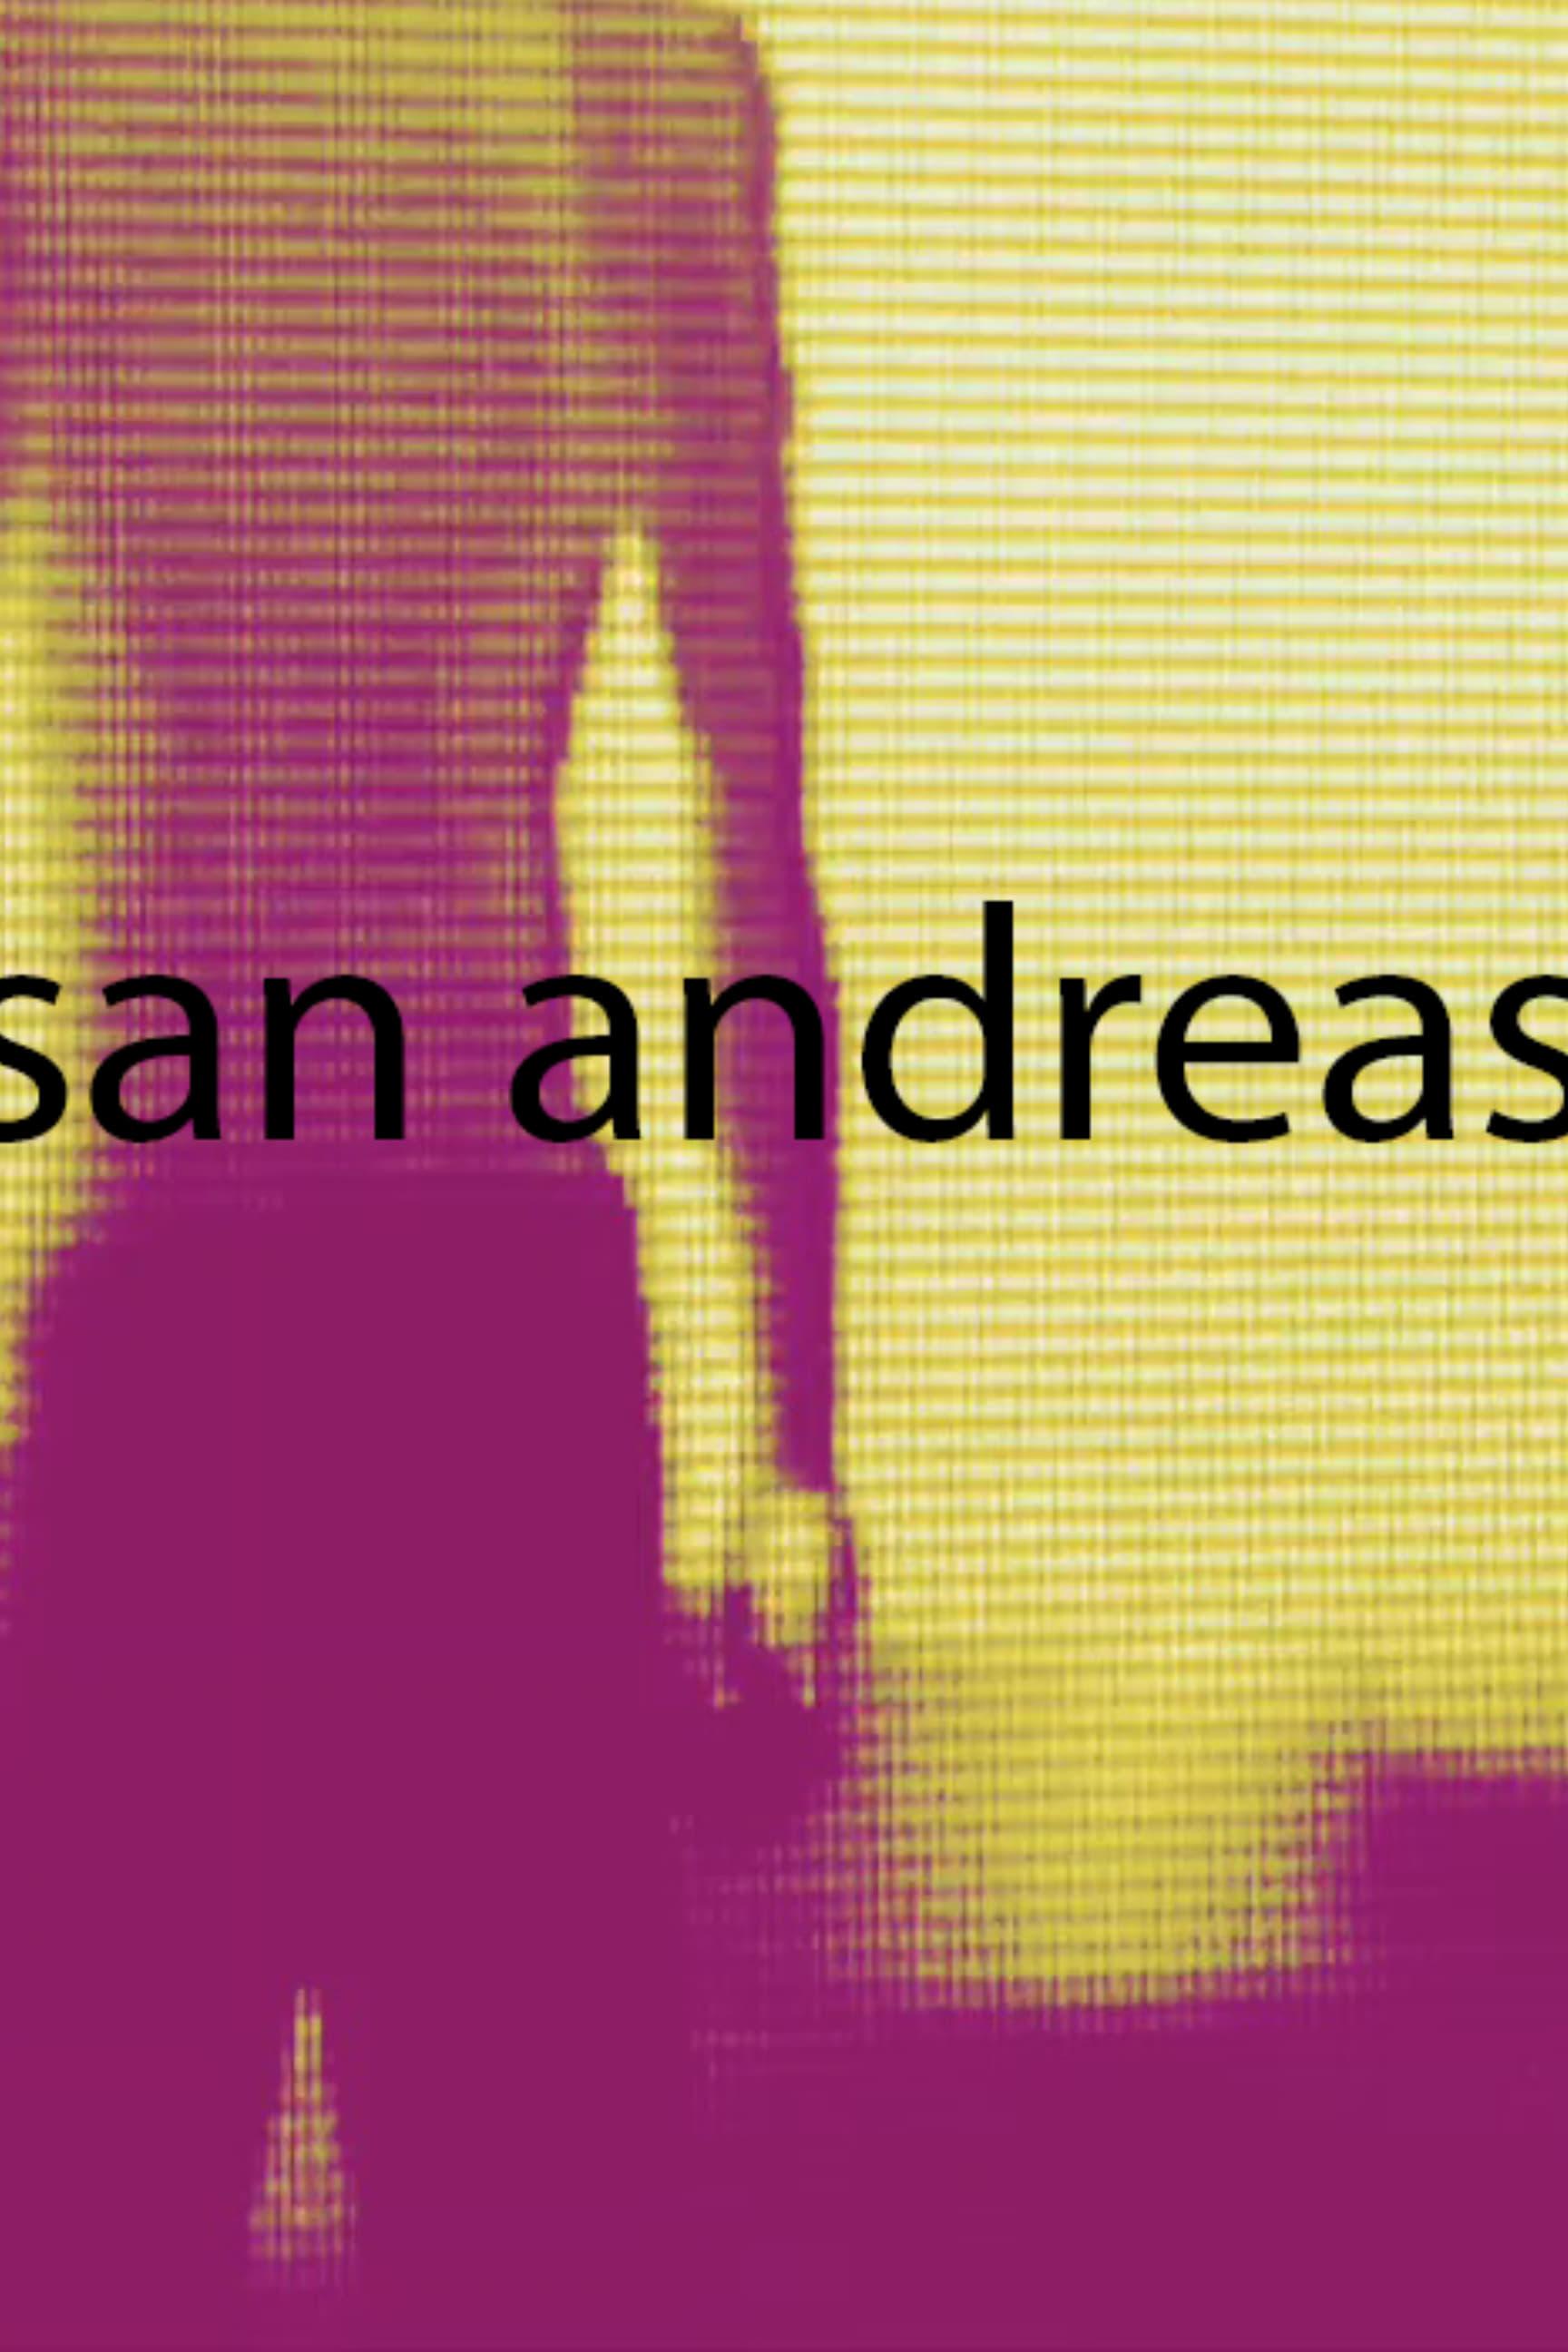 san andreas (2019)